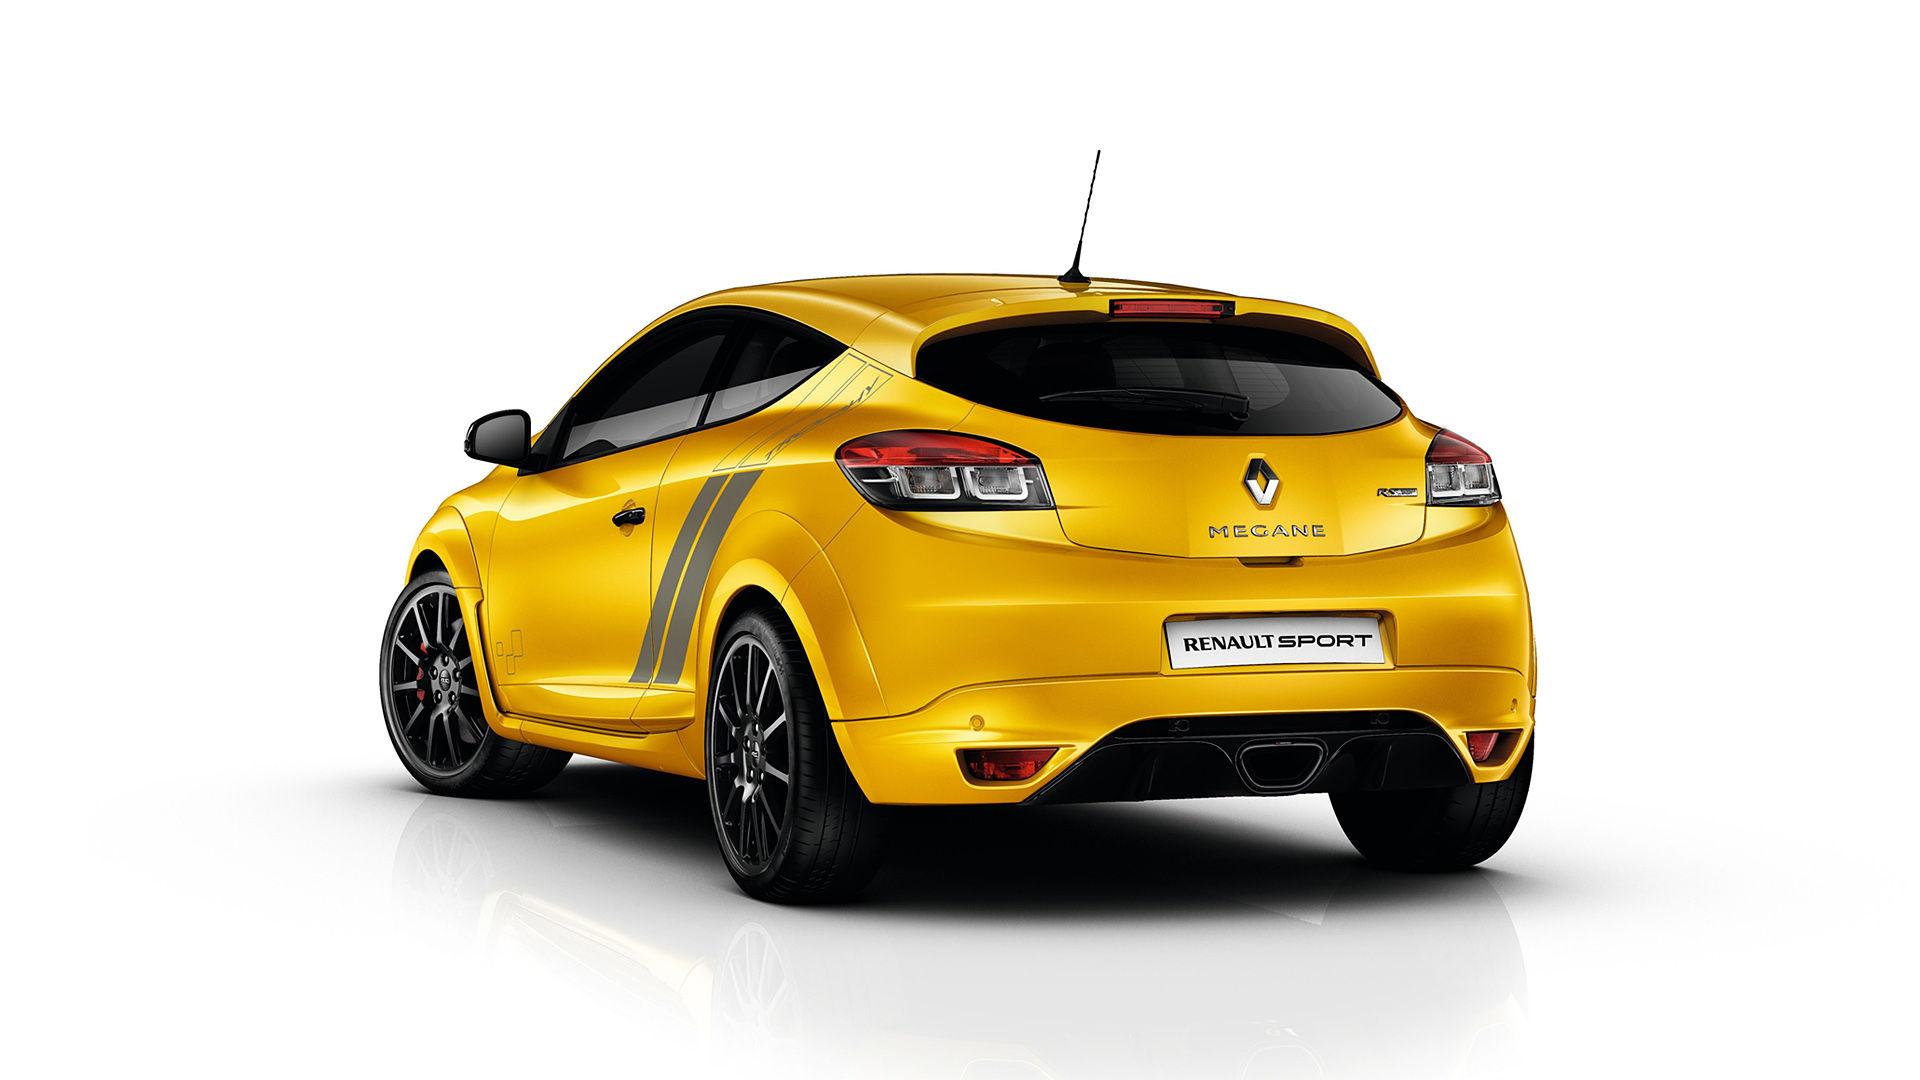 2015 Renault Megane RS 275 Trophy